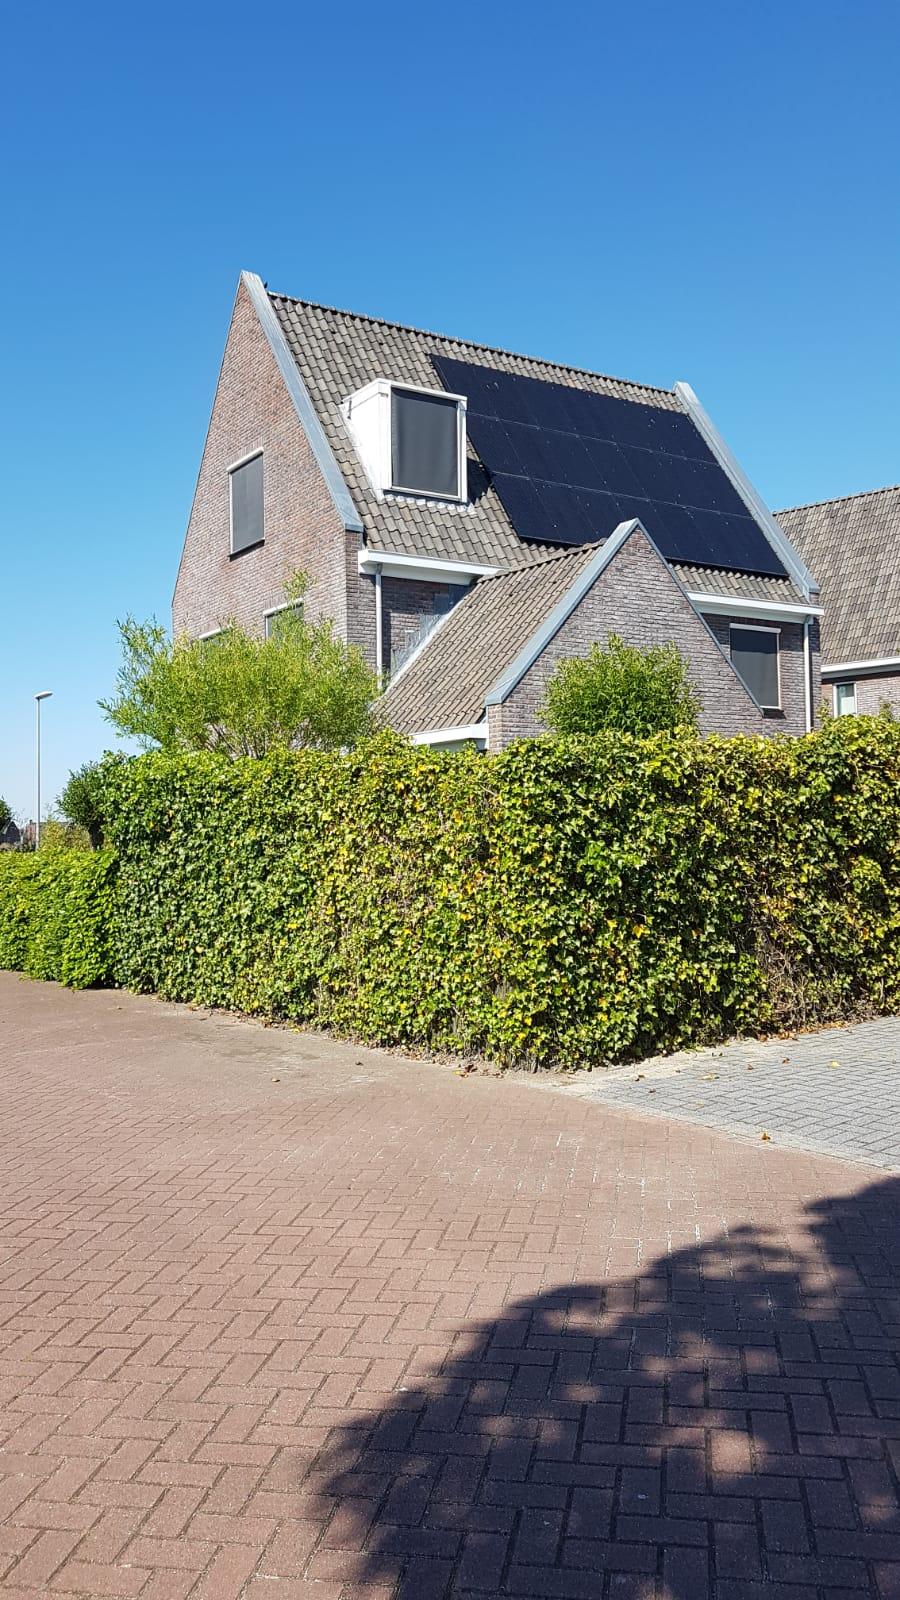 Huizen binnenkort in verkoop in groningen en haren for Verkoop huizen